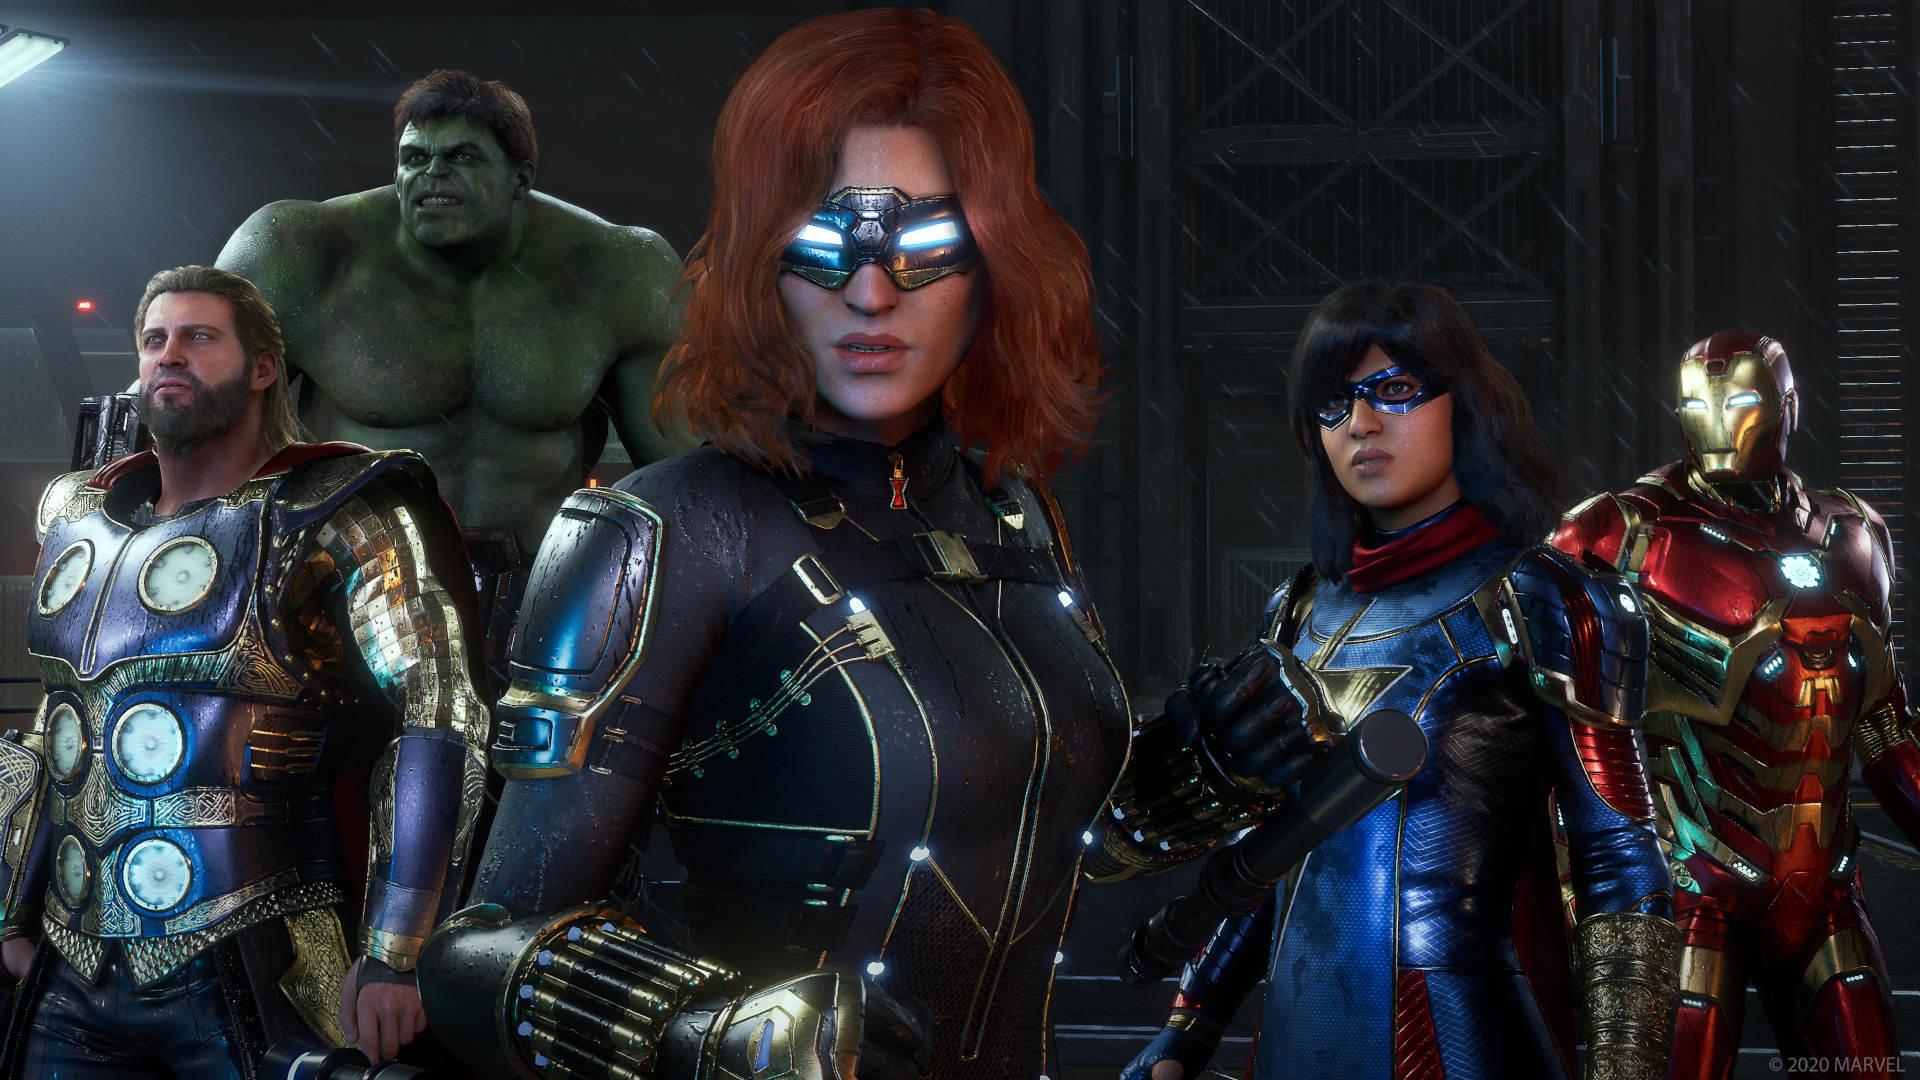 Marvels Avengers image 9